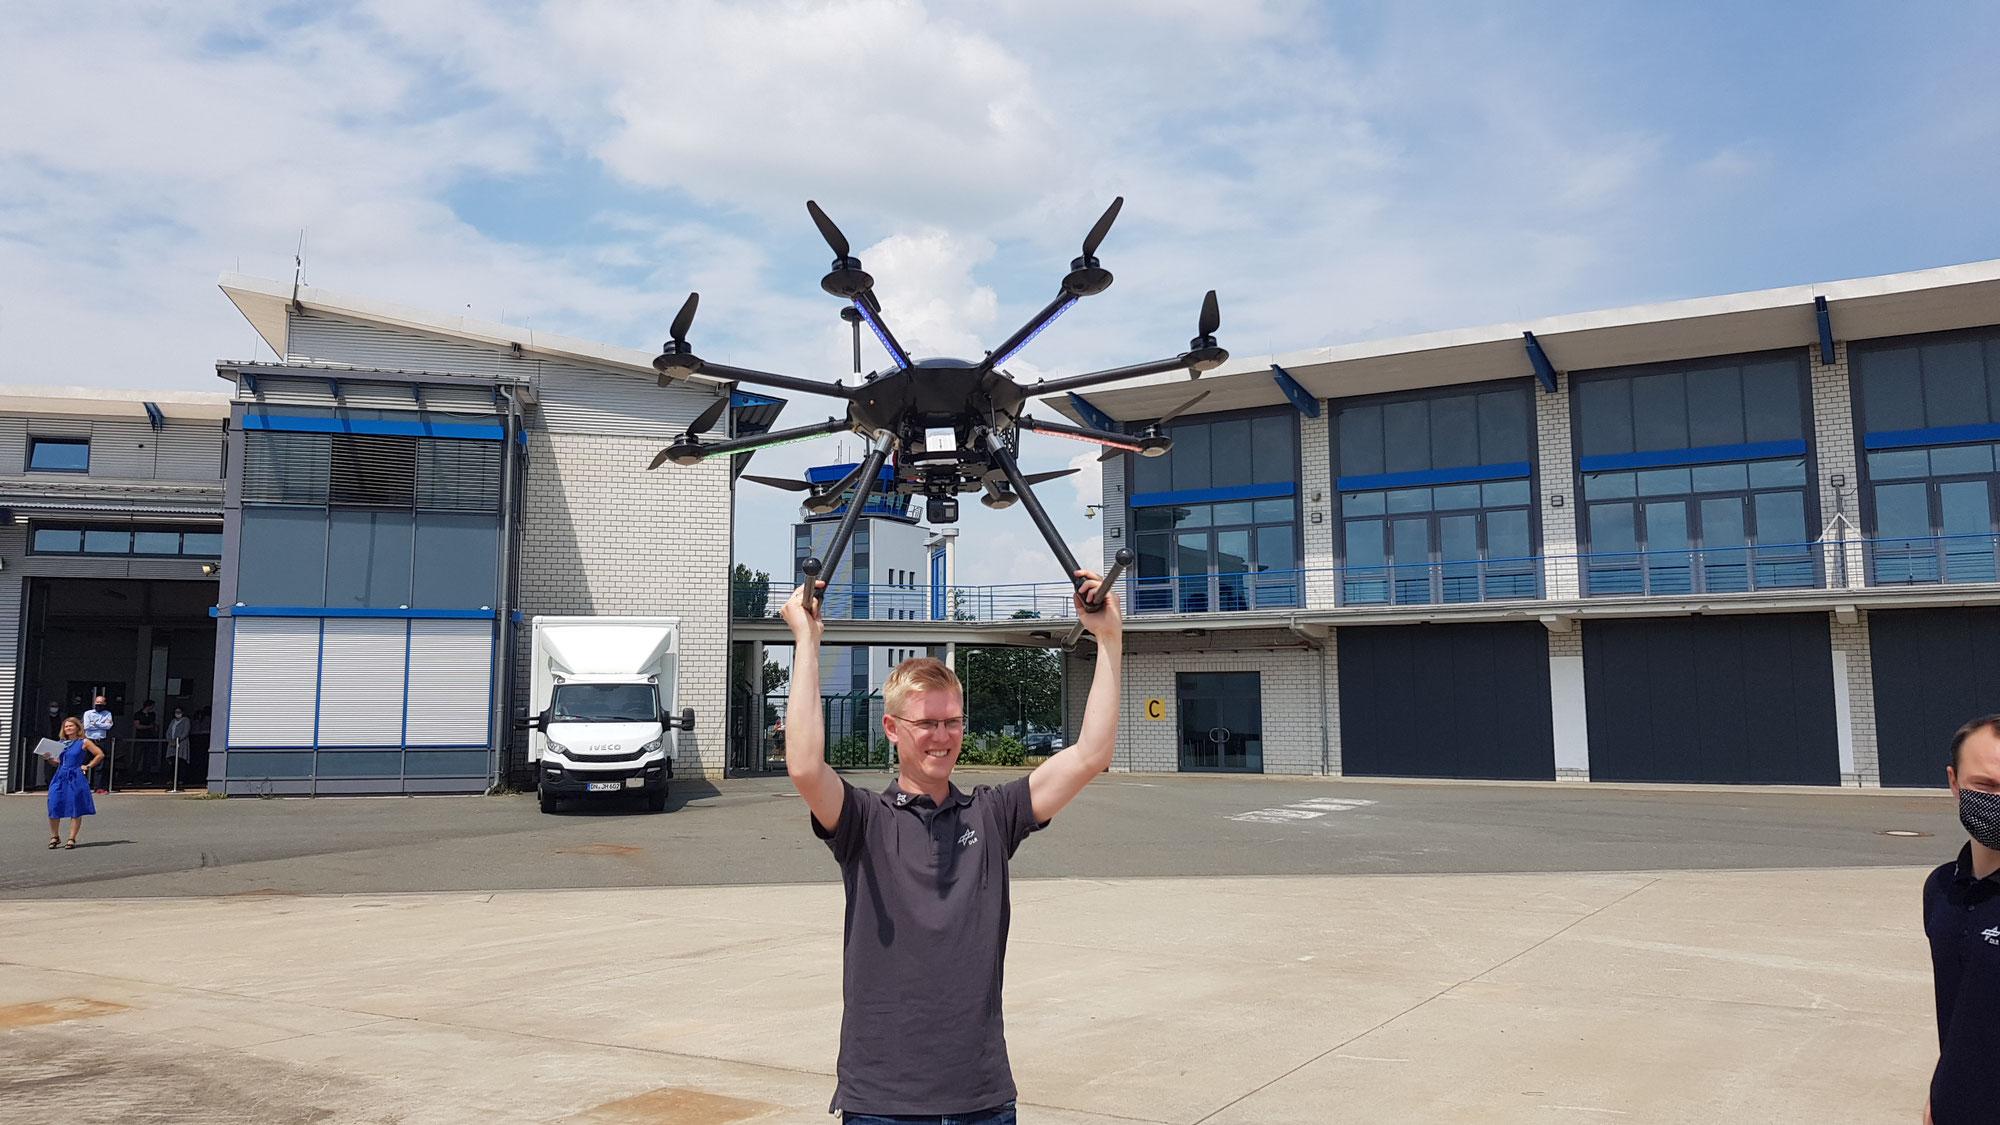 Drohnen-Testzentrum simuliert Rettungseinsätze nach Naturkatastrophen